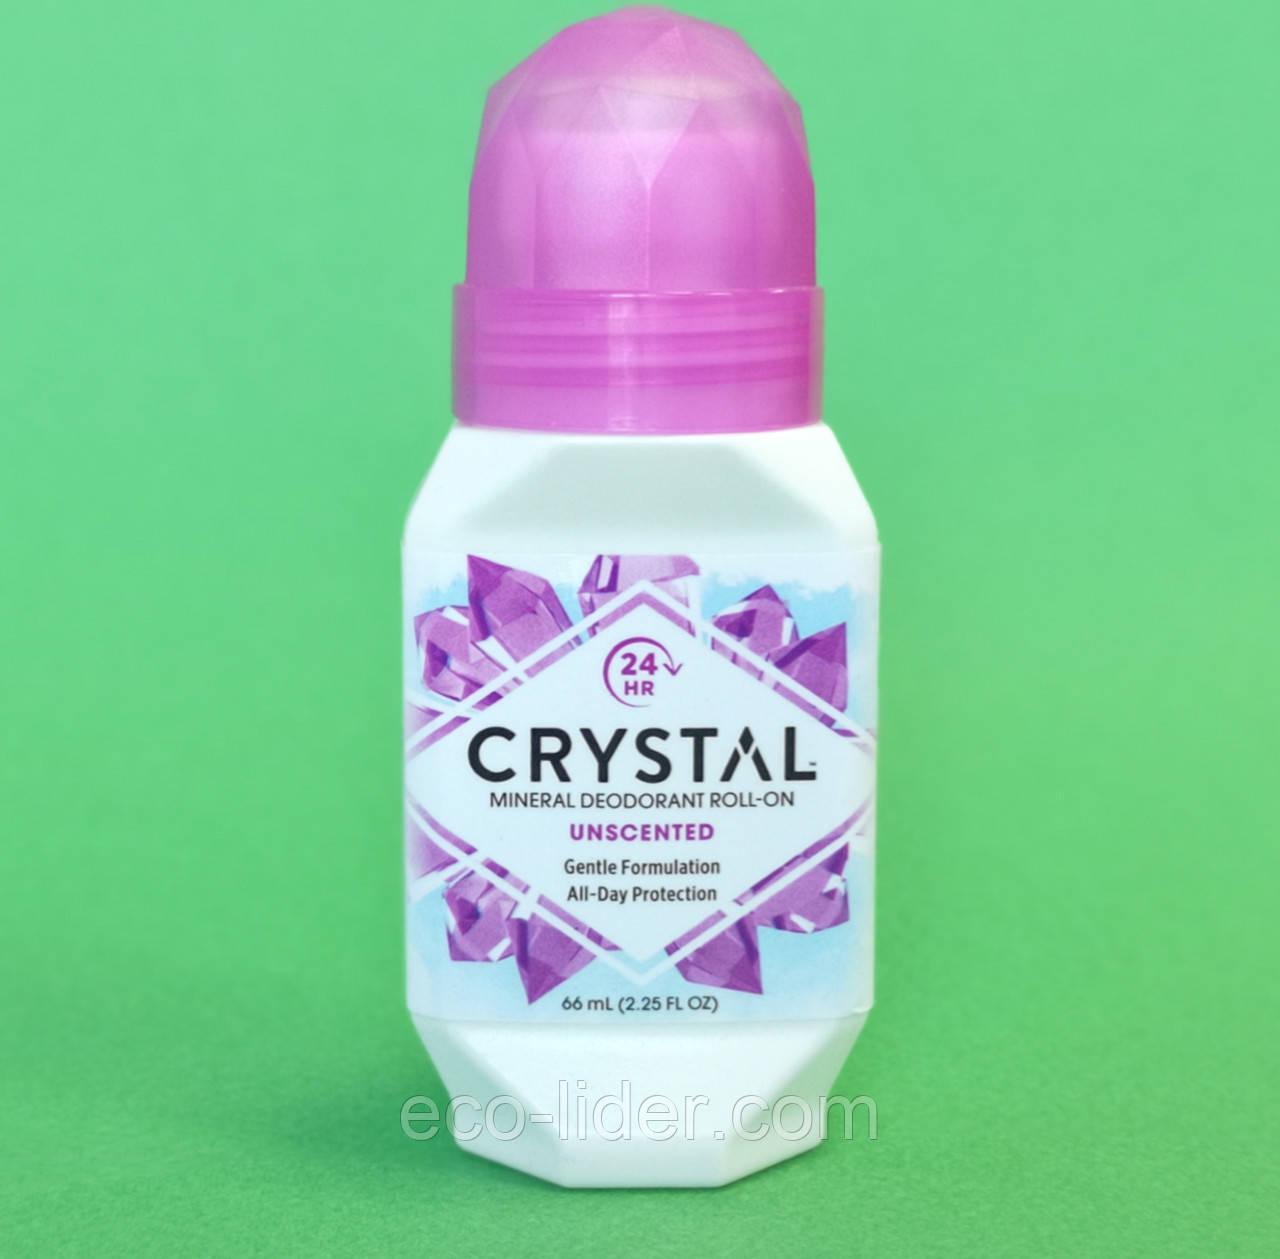 Натуральний роликовий дезодорант Кристал, 66 мл